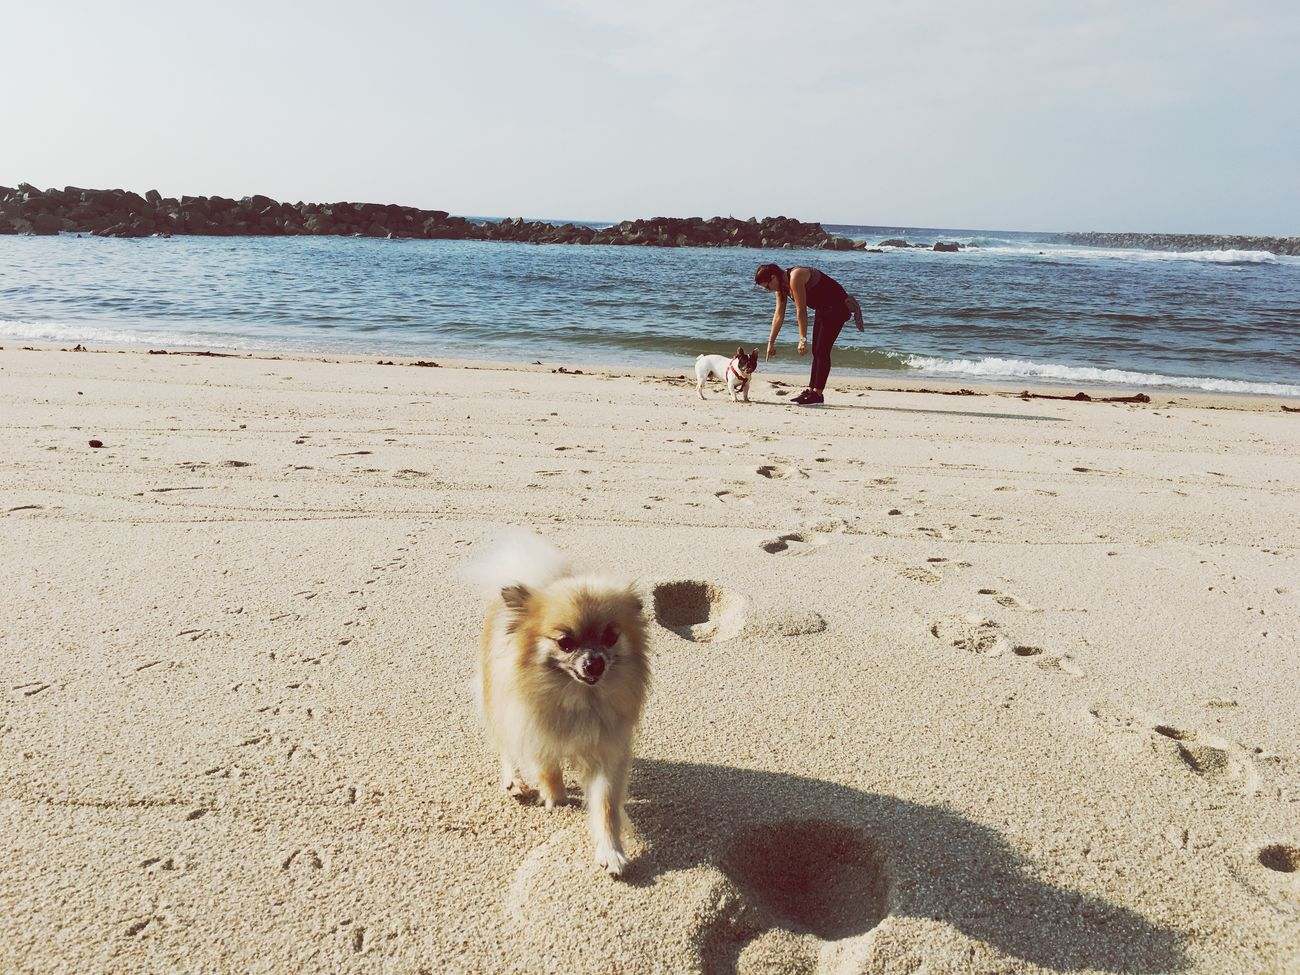 Beachday Babydog Viladoconde Sea Outdoors Dog Days Doglover